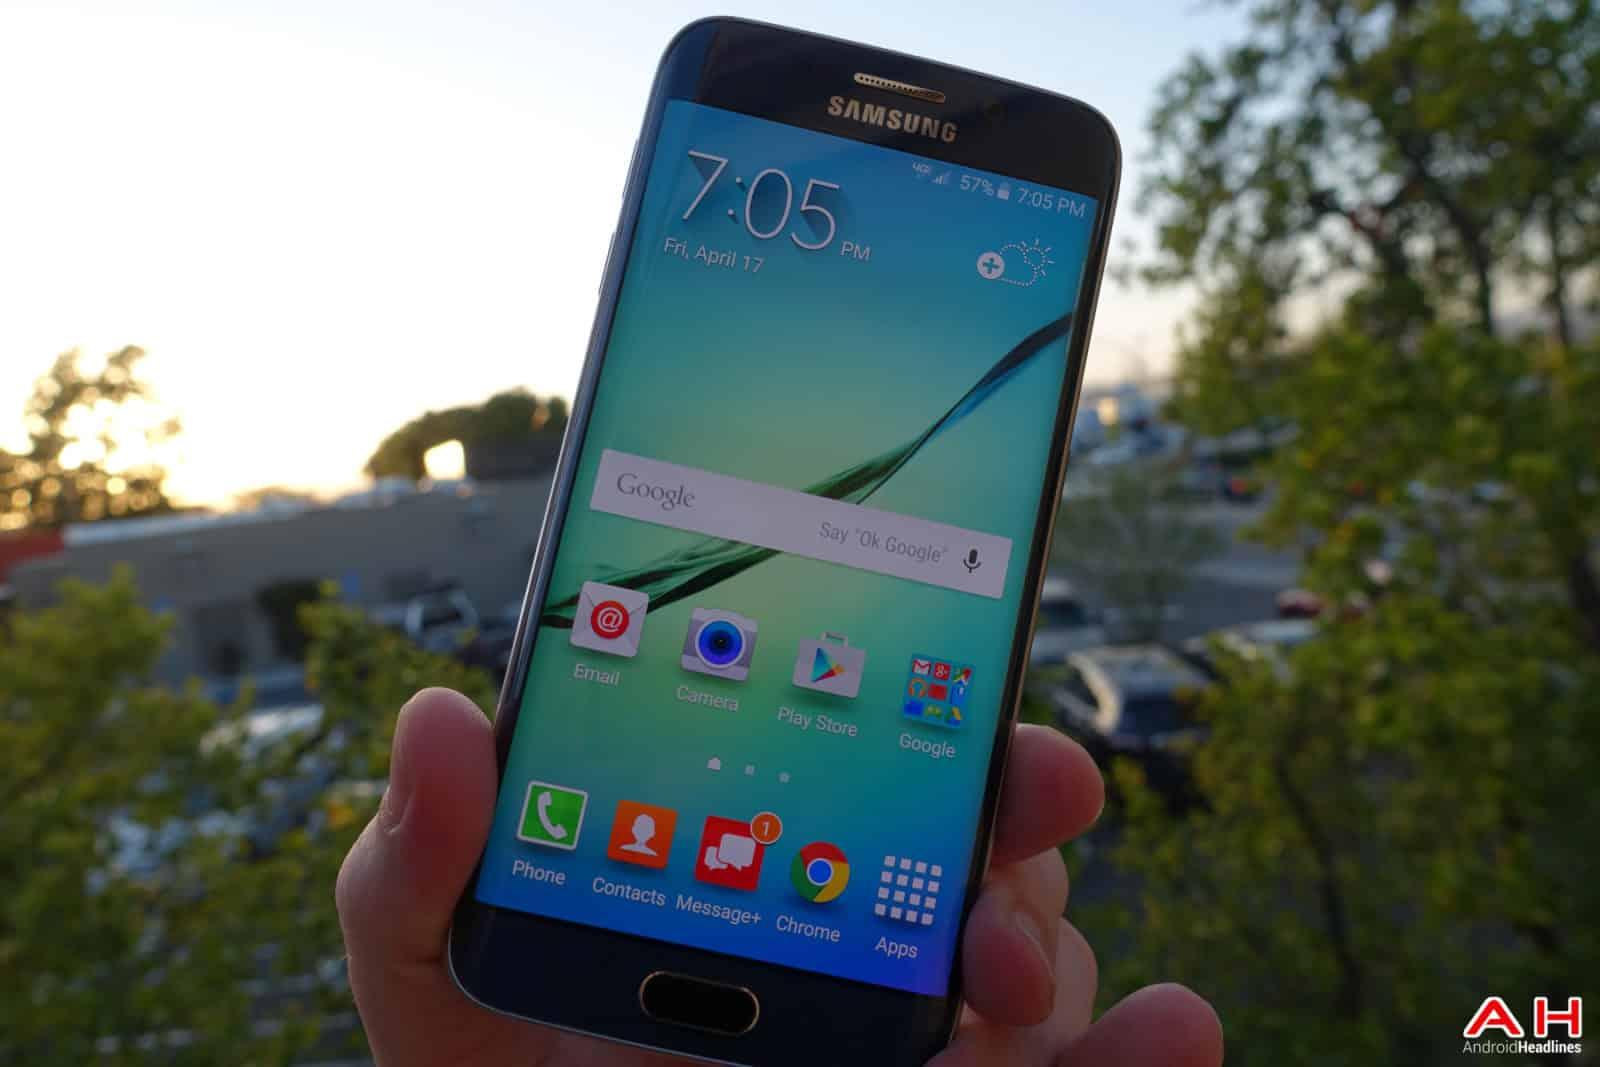 AH Samsung Galaxy S6 Edge Series 3 June 30th-7